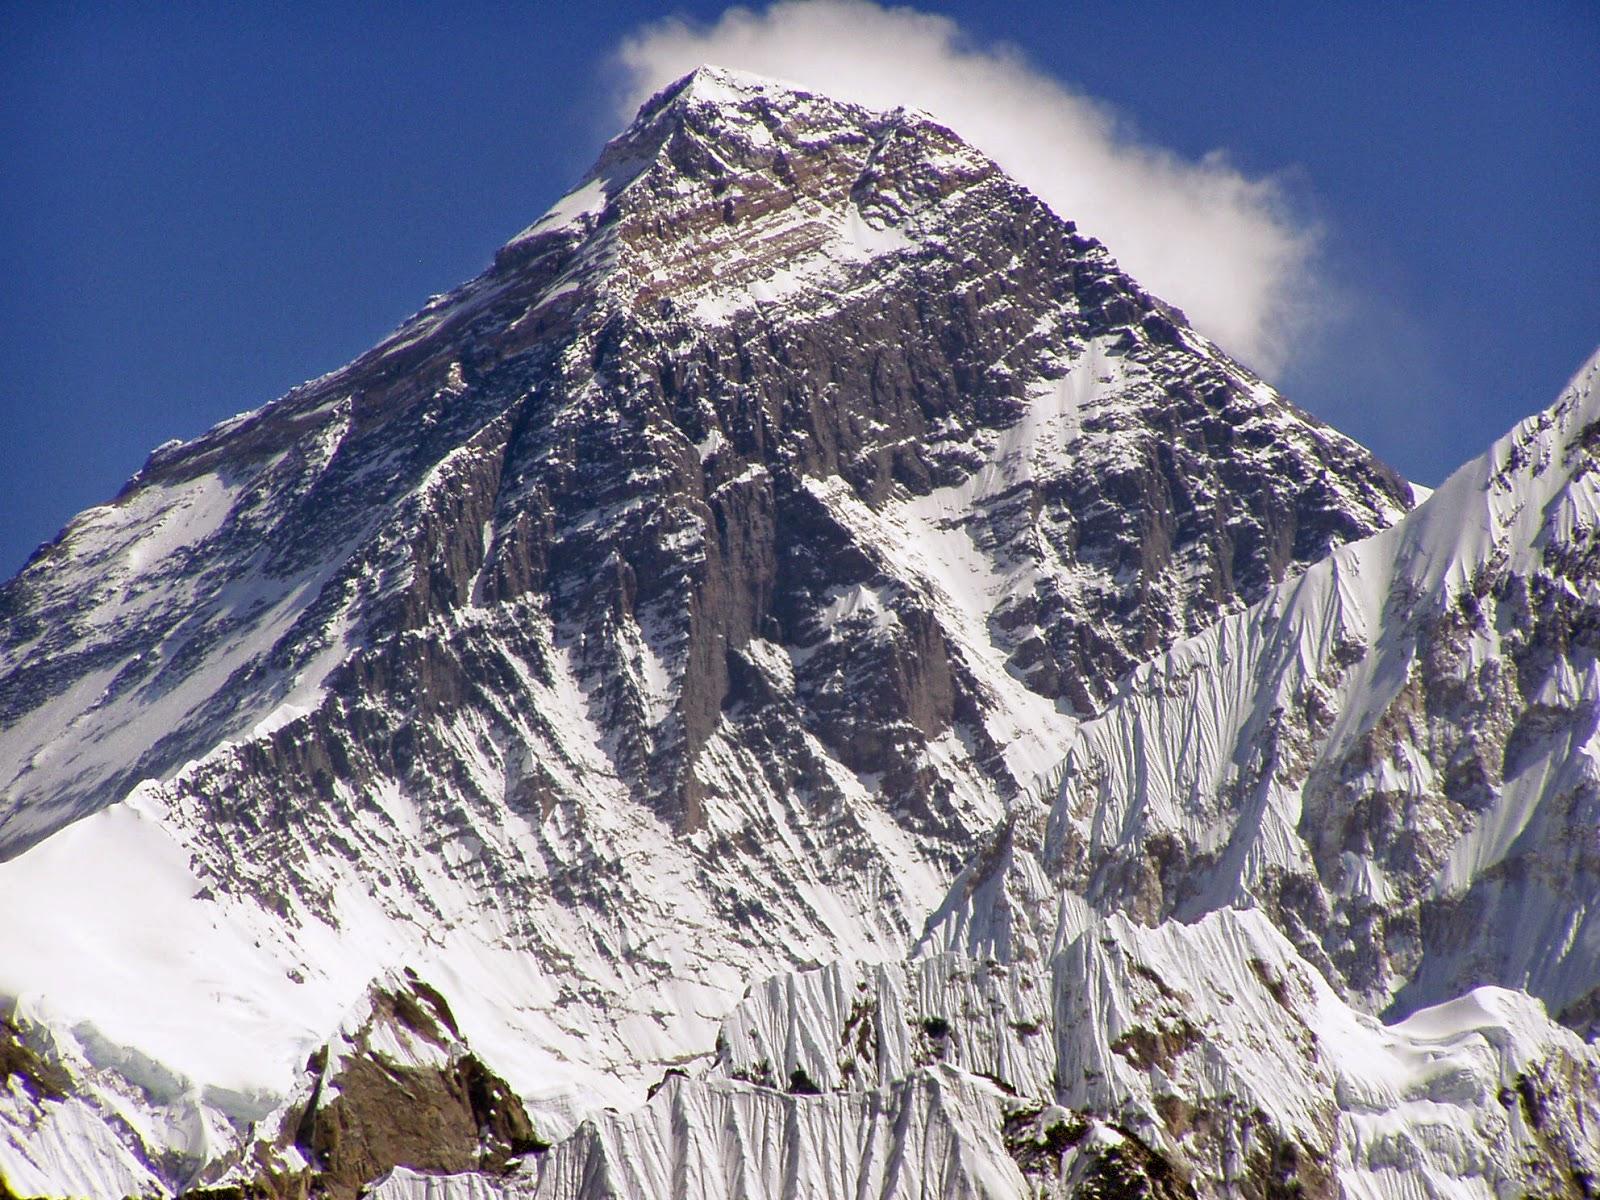 أعلى جبل بالعالم إفرست